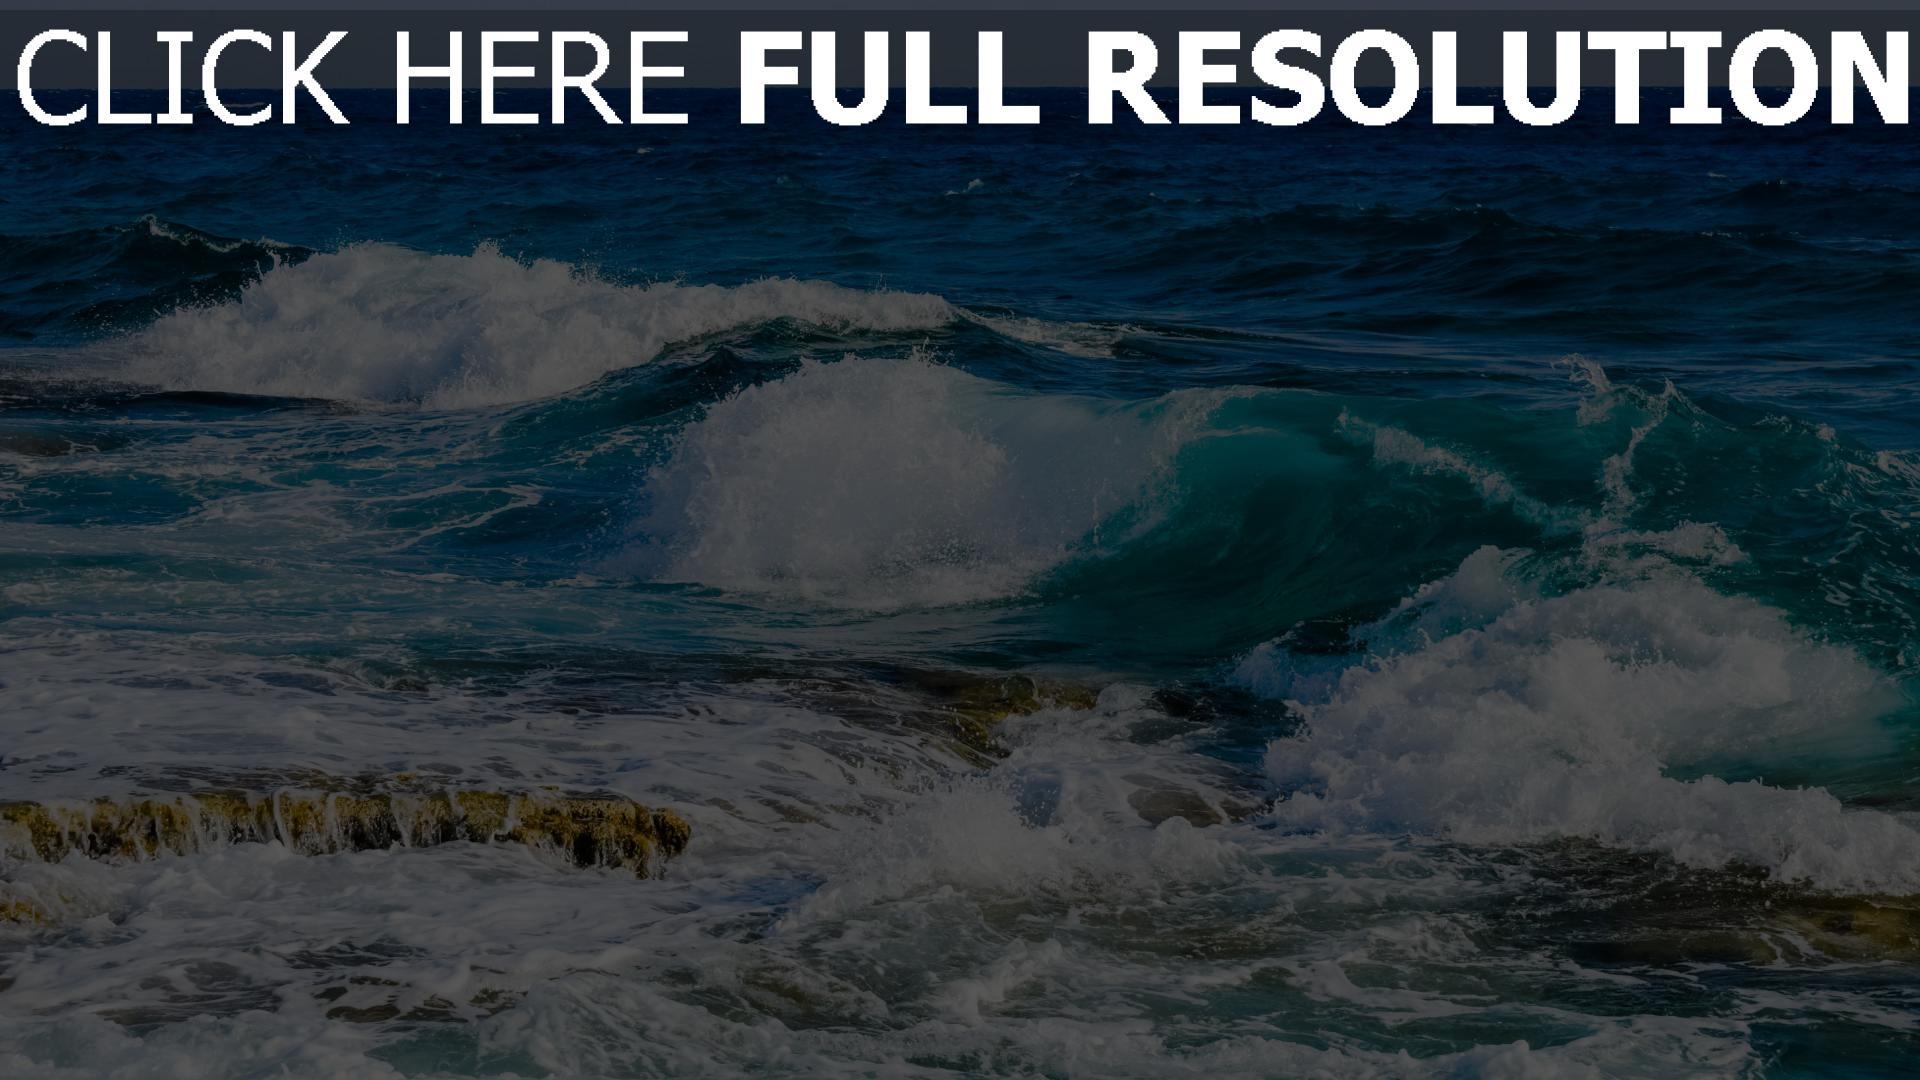 hd hintergrundbilder steine schaum strand meer ozean 1920x1080